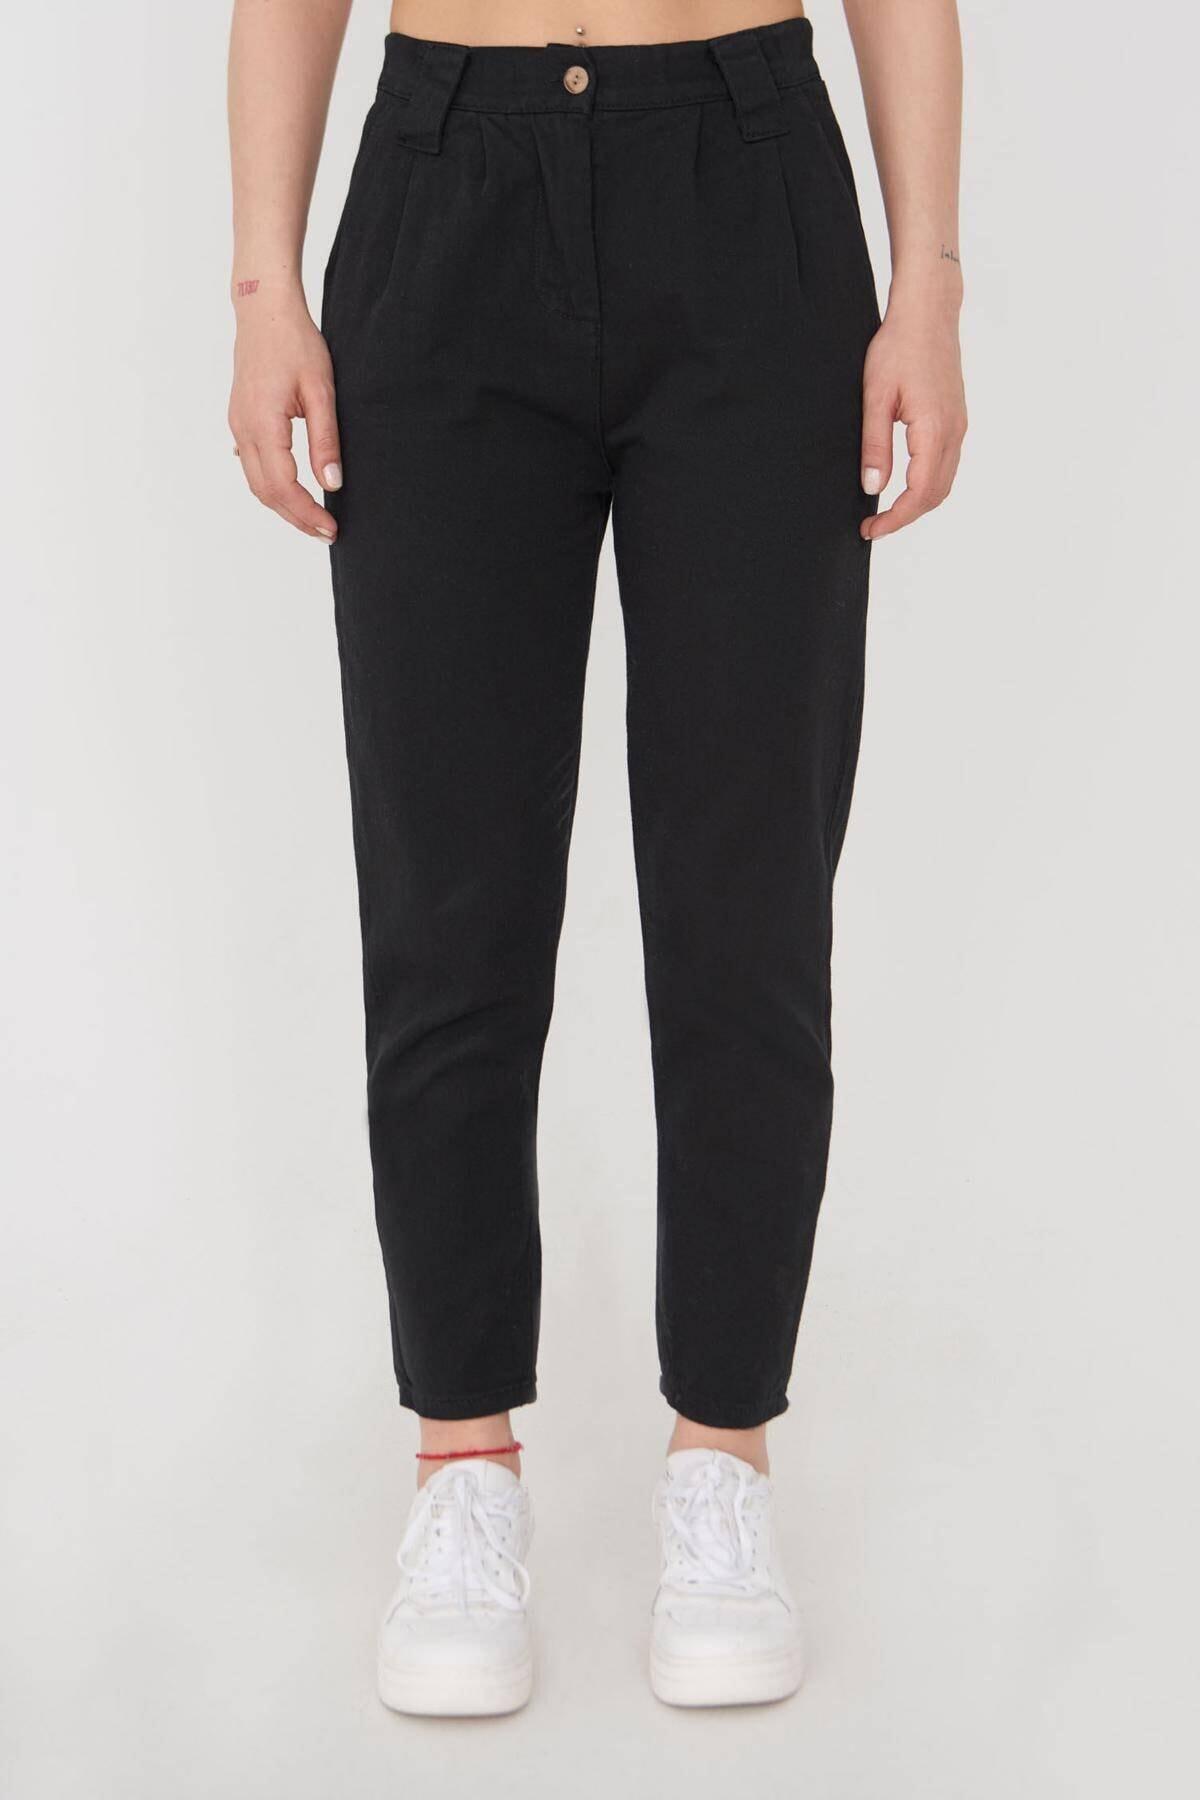 Addax Kadın Siyah Cep Detaylı Pantolon Pn4396 - G4 Adx-0000023917 0